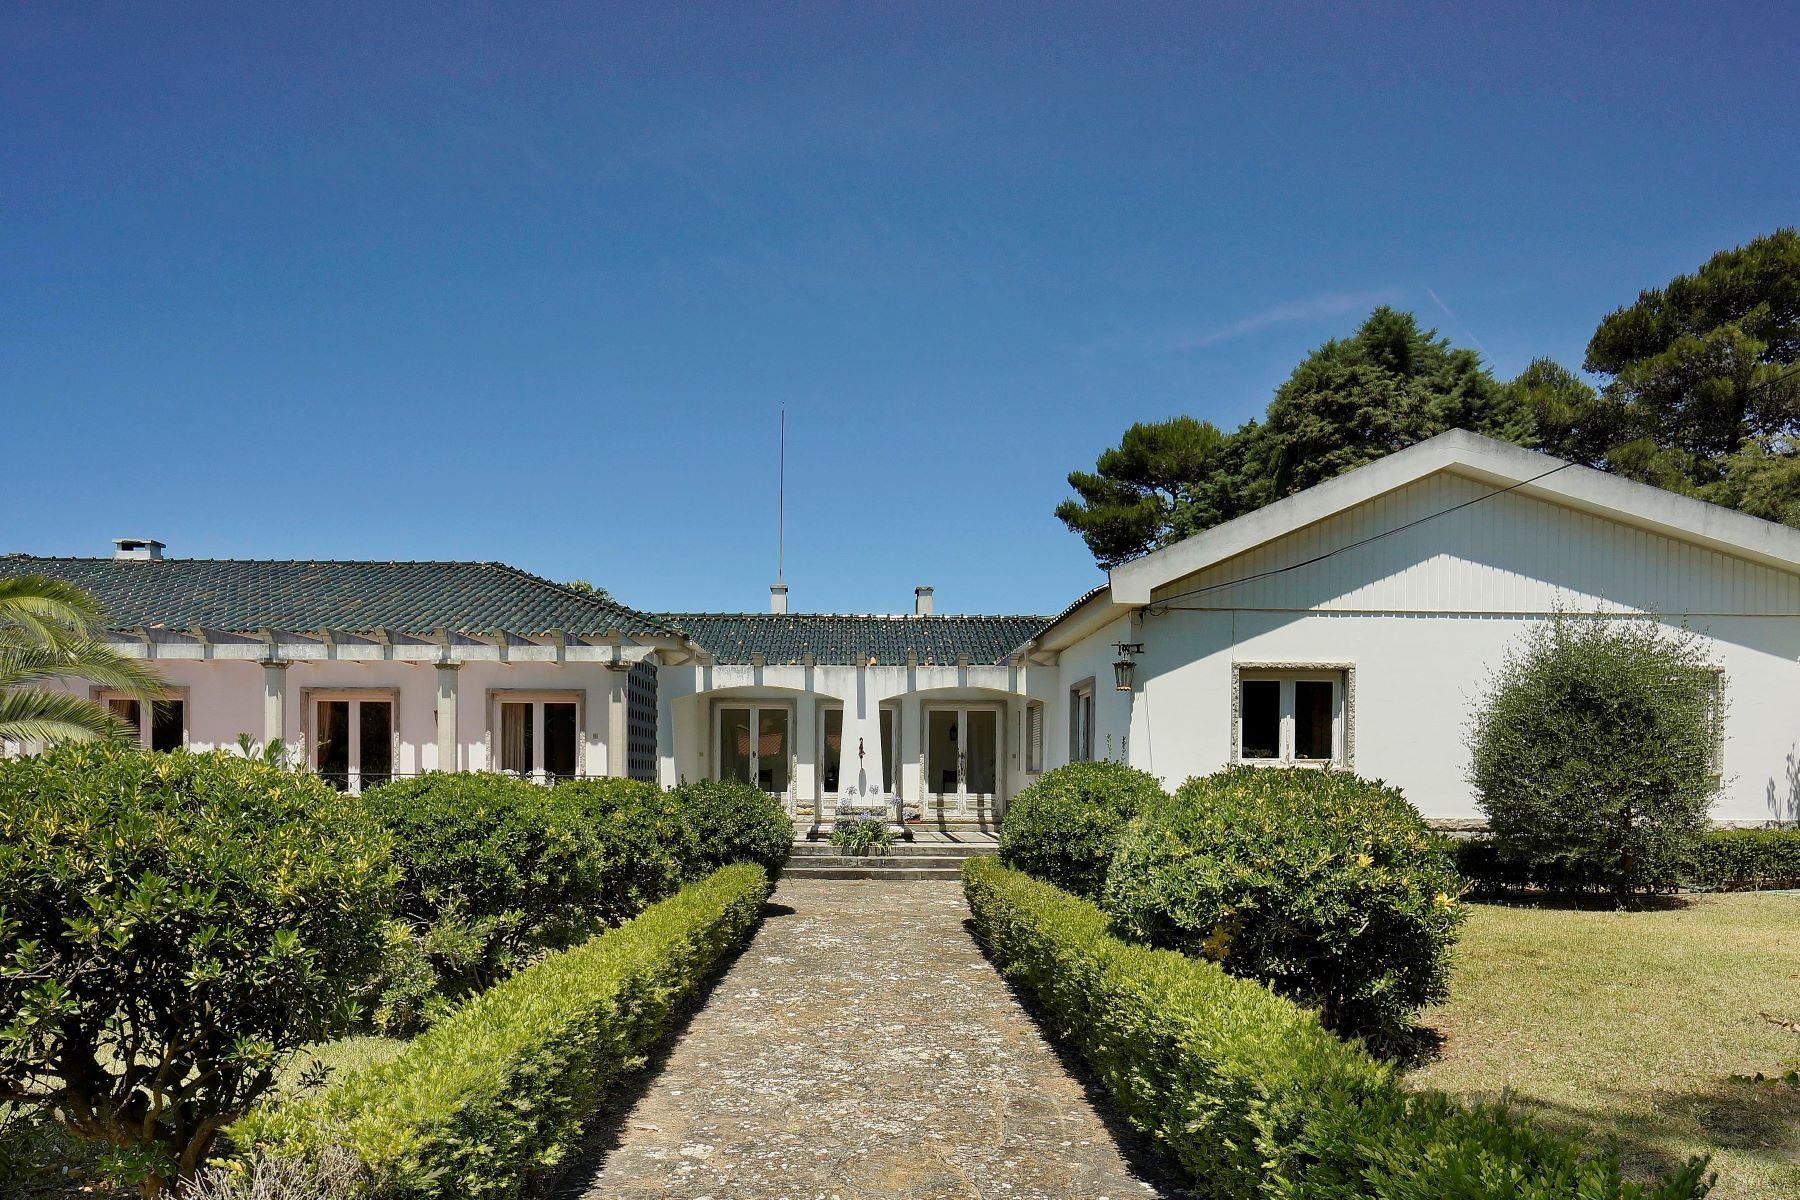 一戸建て のために 売買 アット Detached house to restore, 8 bedrooms, for Sale Cascais, リスボン, ポルトガル